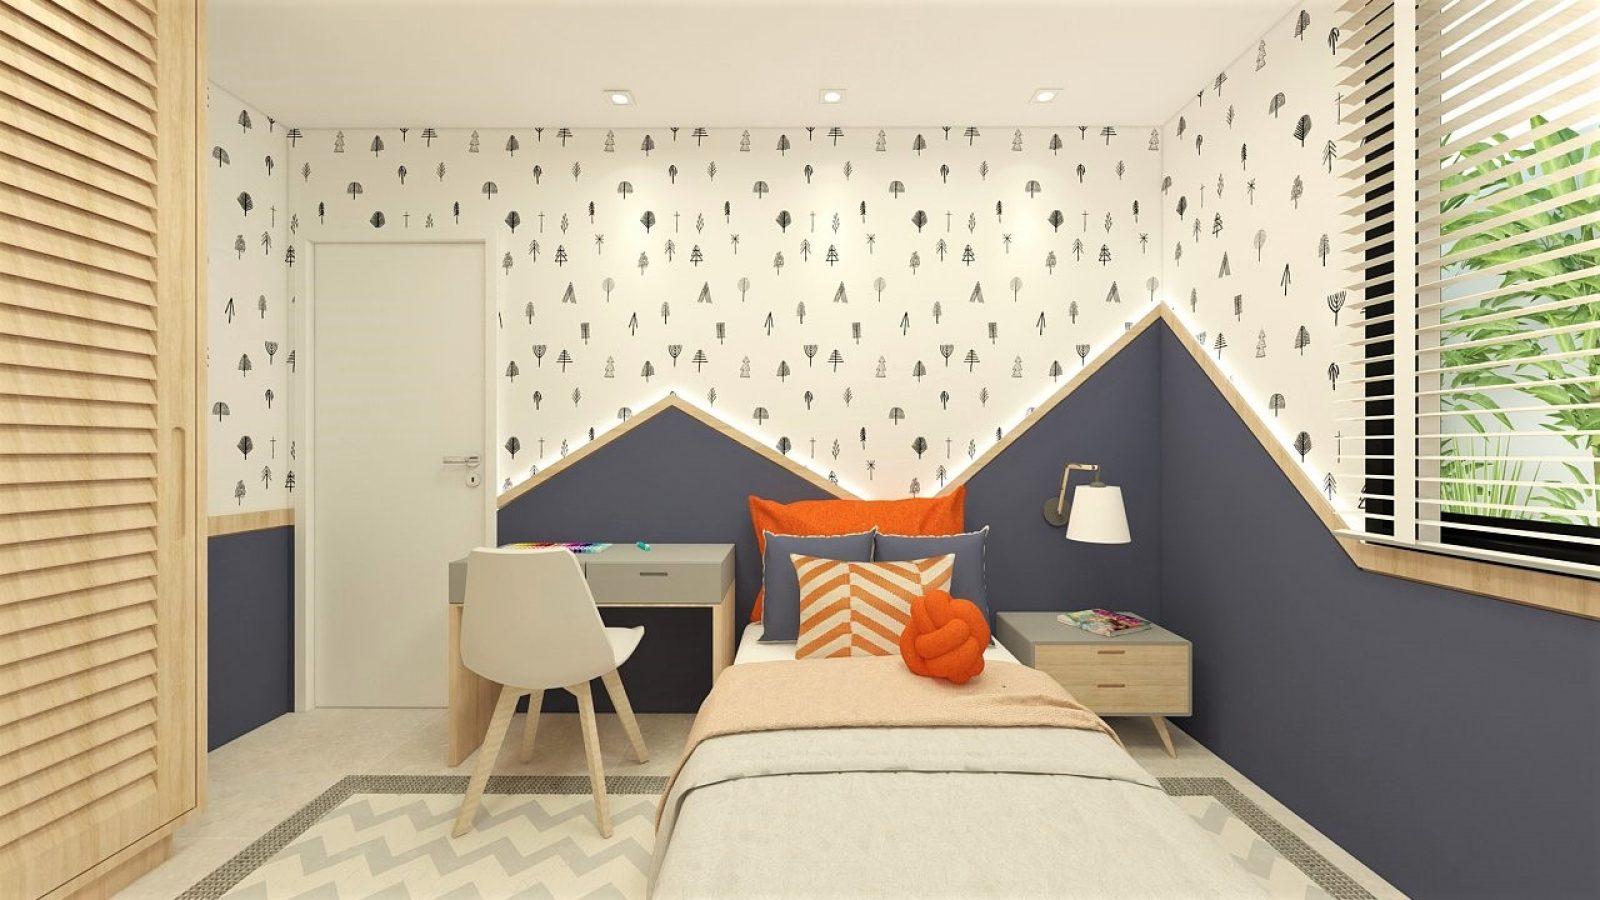 Quarto infantil com cama de solteiro, almofadas laranjas, escrivaninha e porta branca. Parede em azul, com detalhes em branco e azul.